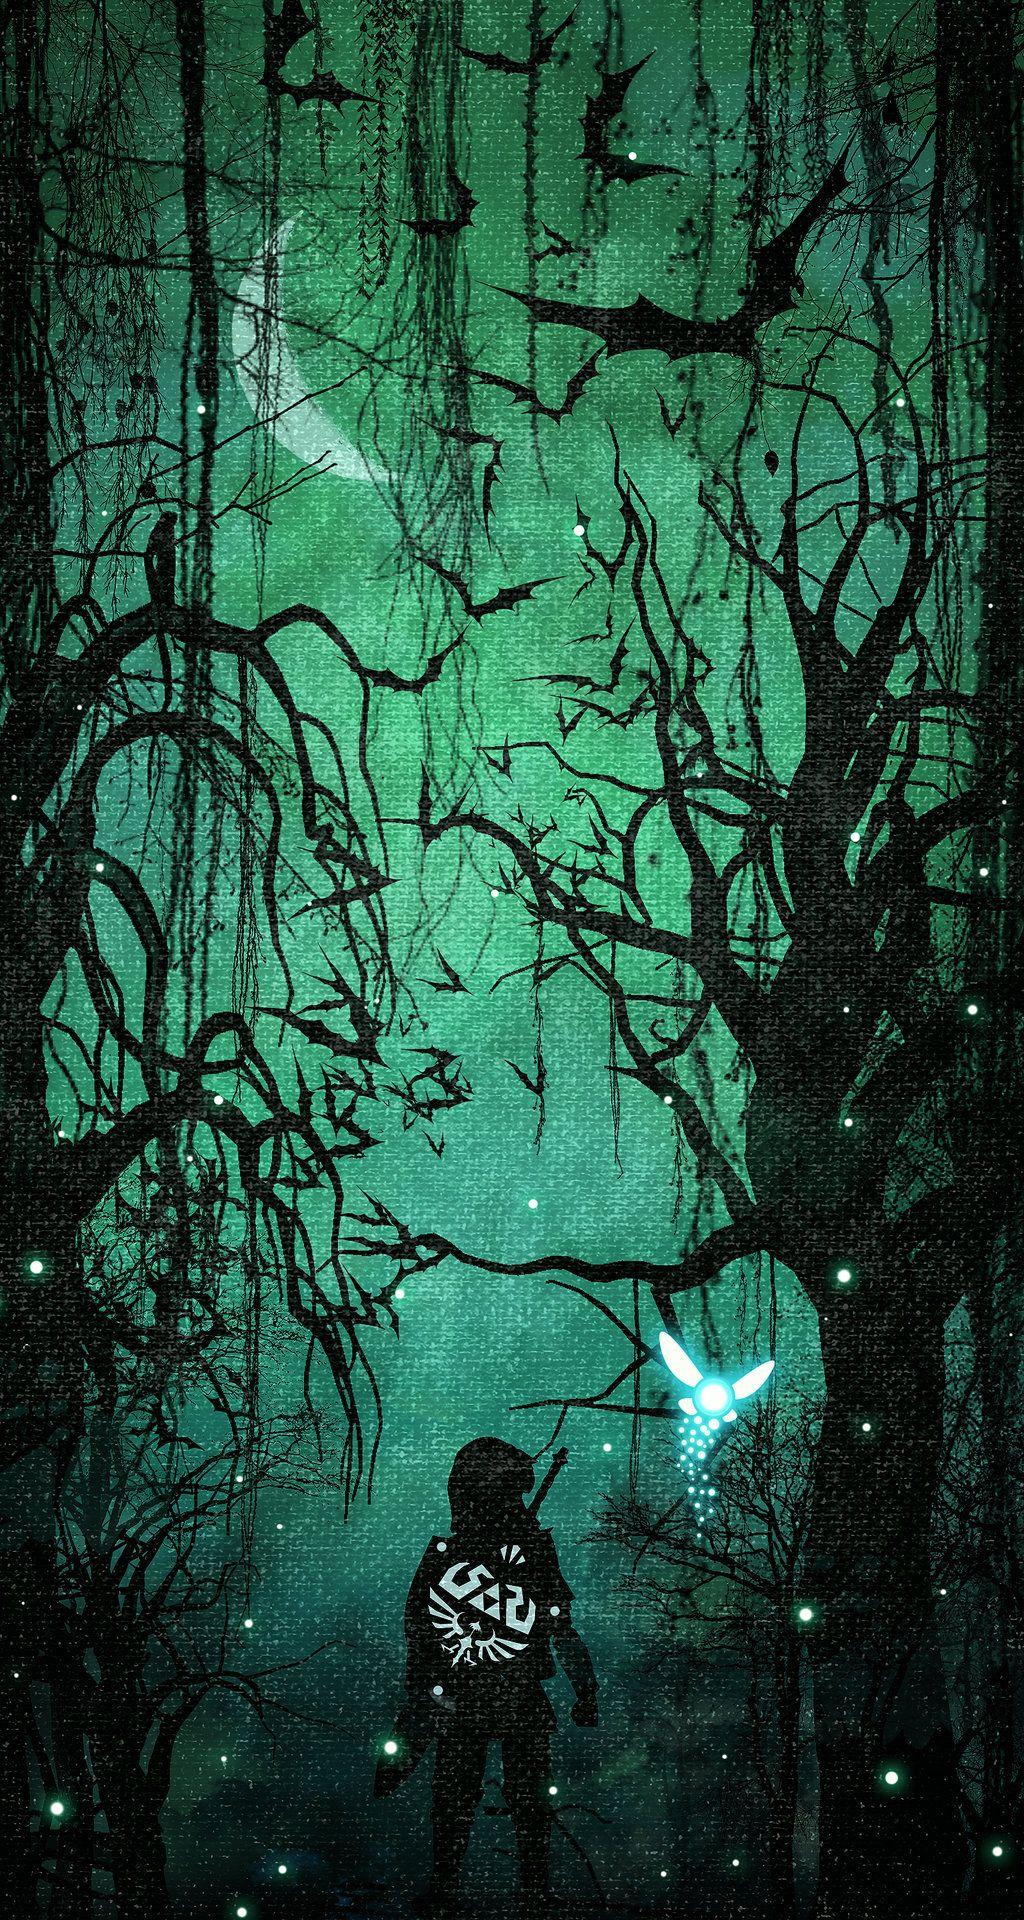 Amazing Wallpaper Halloween Zelda - 0fe6c280cec882bbcef441e98d096aa2  Trends_975296.jpg